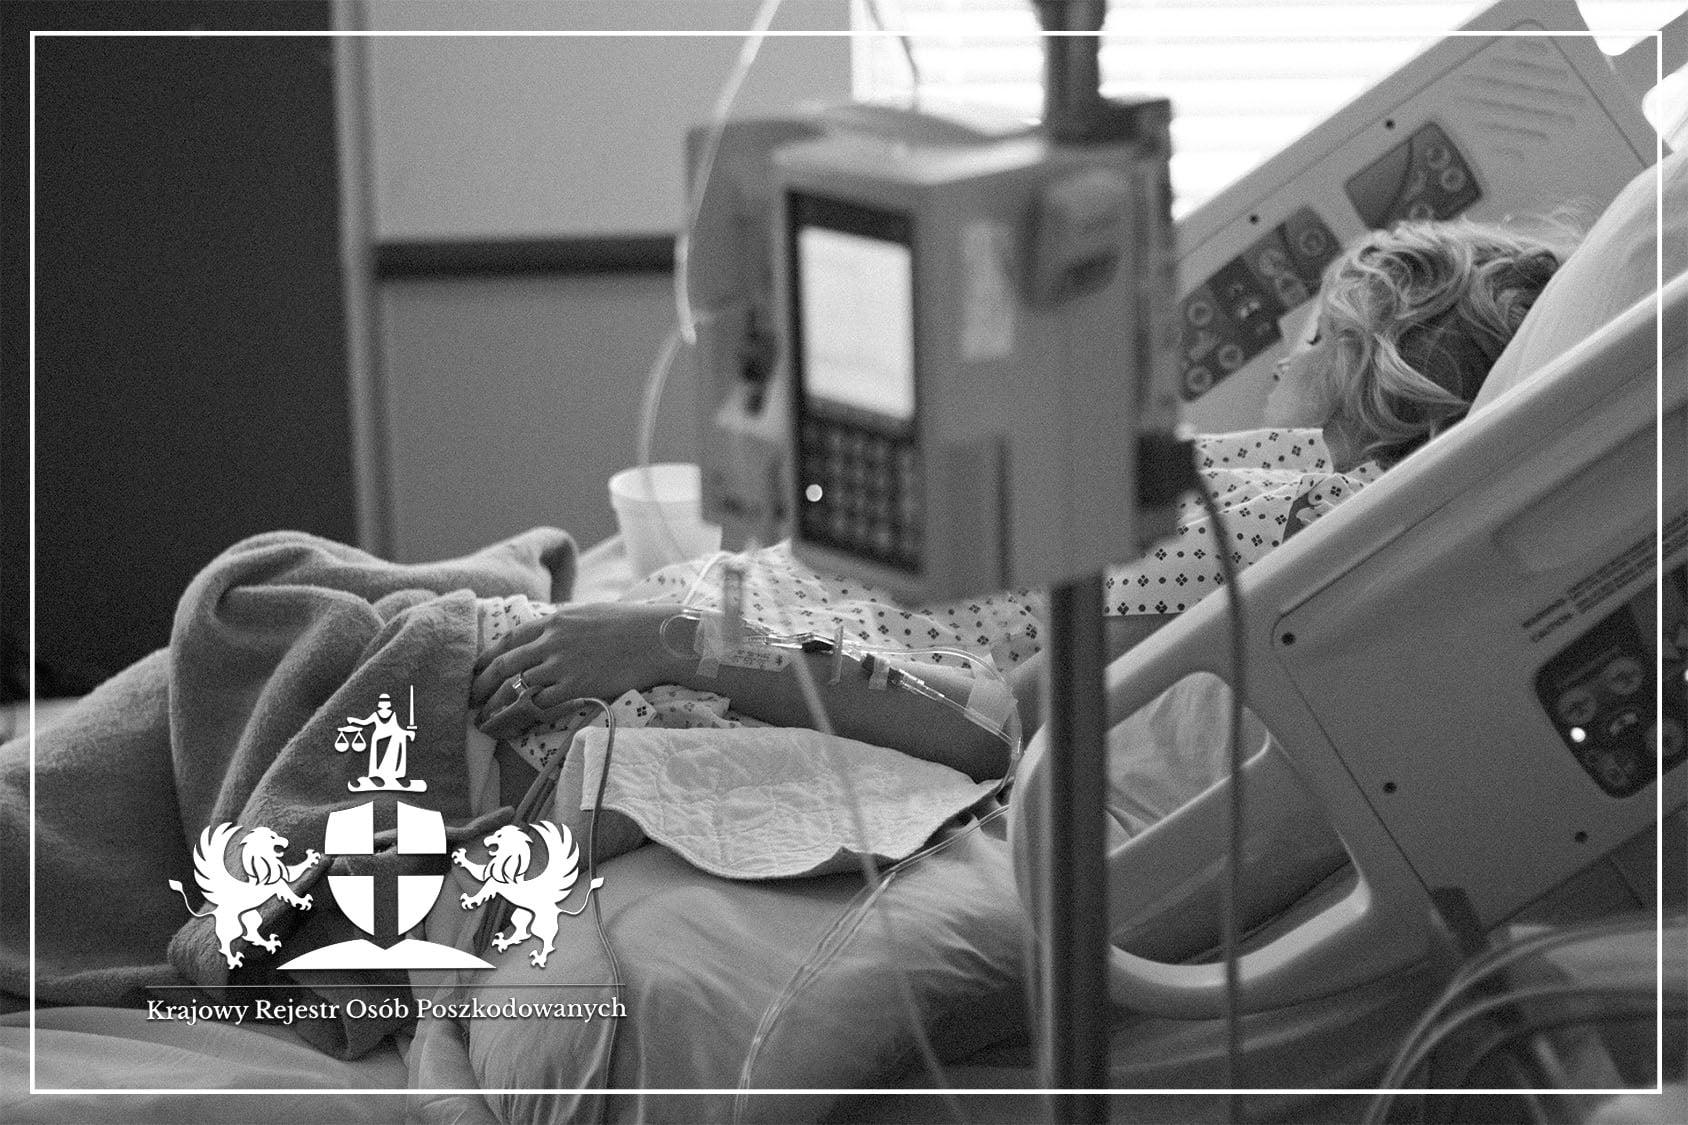 Odszkodowanie od szpitala za złe leczenie